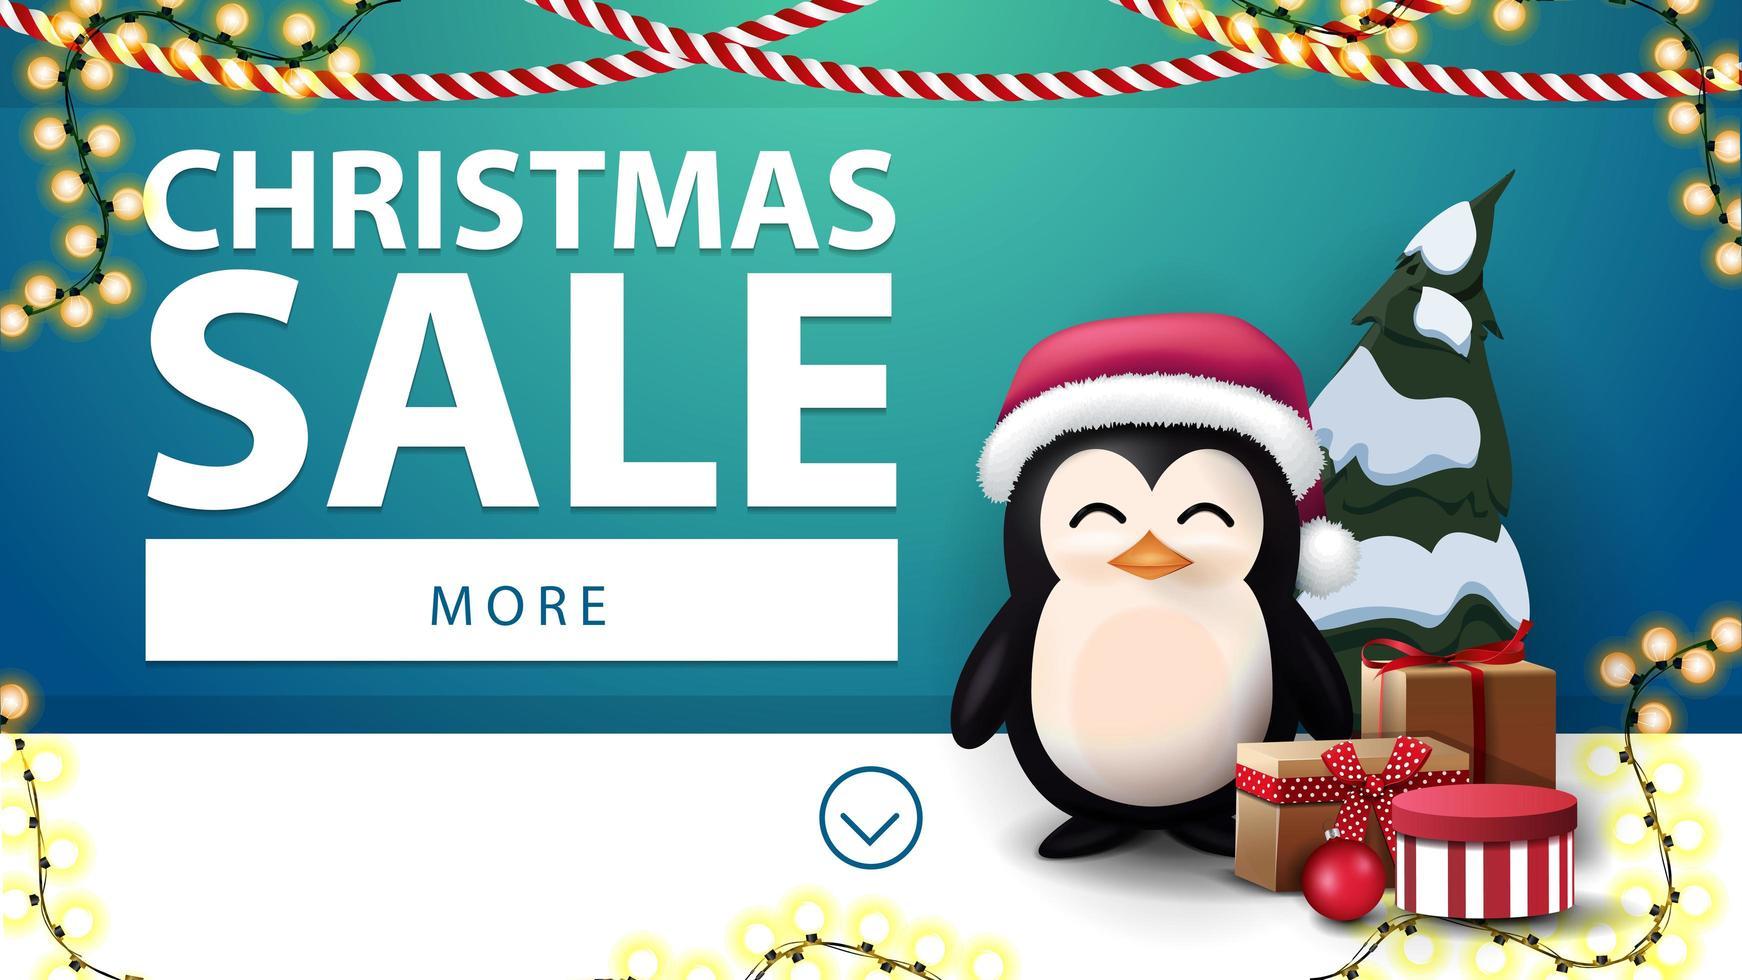 Vente de Noël, bannière de réduction bleue avec des guirlandes et pingouin en chapeau de père Noël avec des cadeaux près du mur bleu vecteur